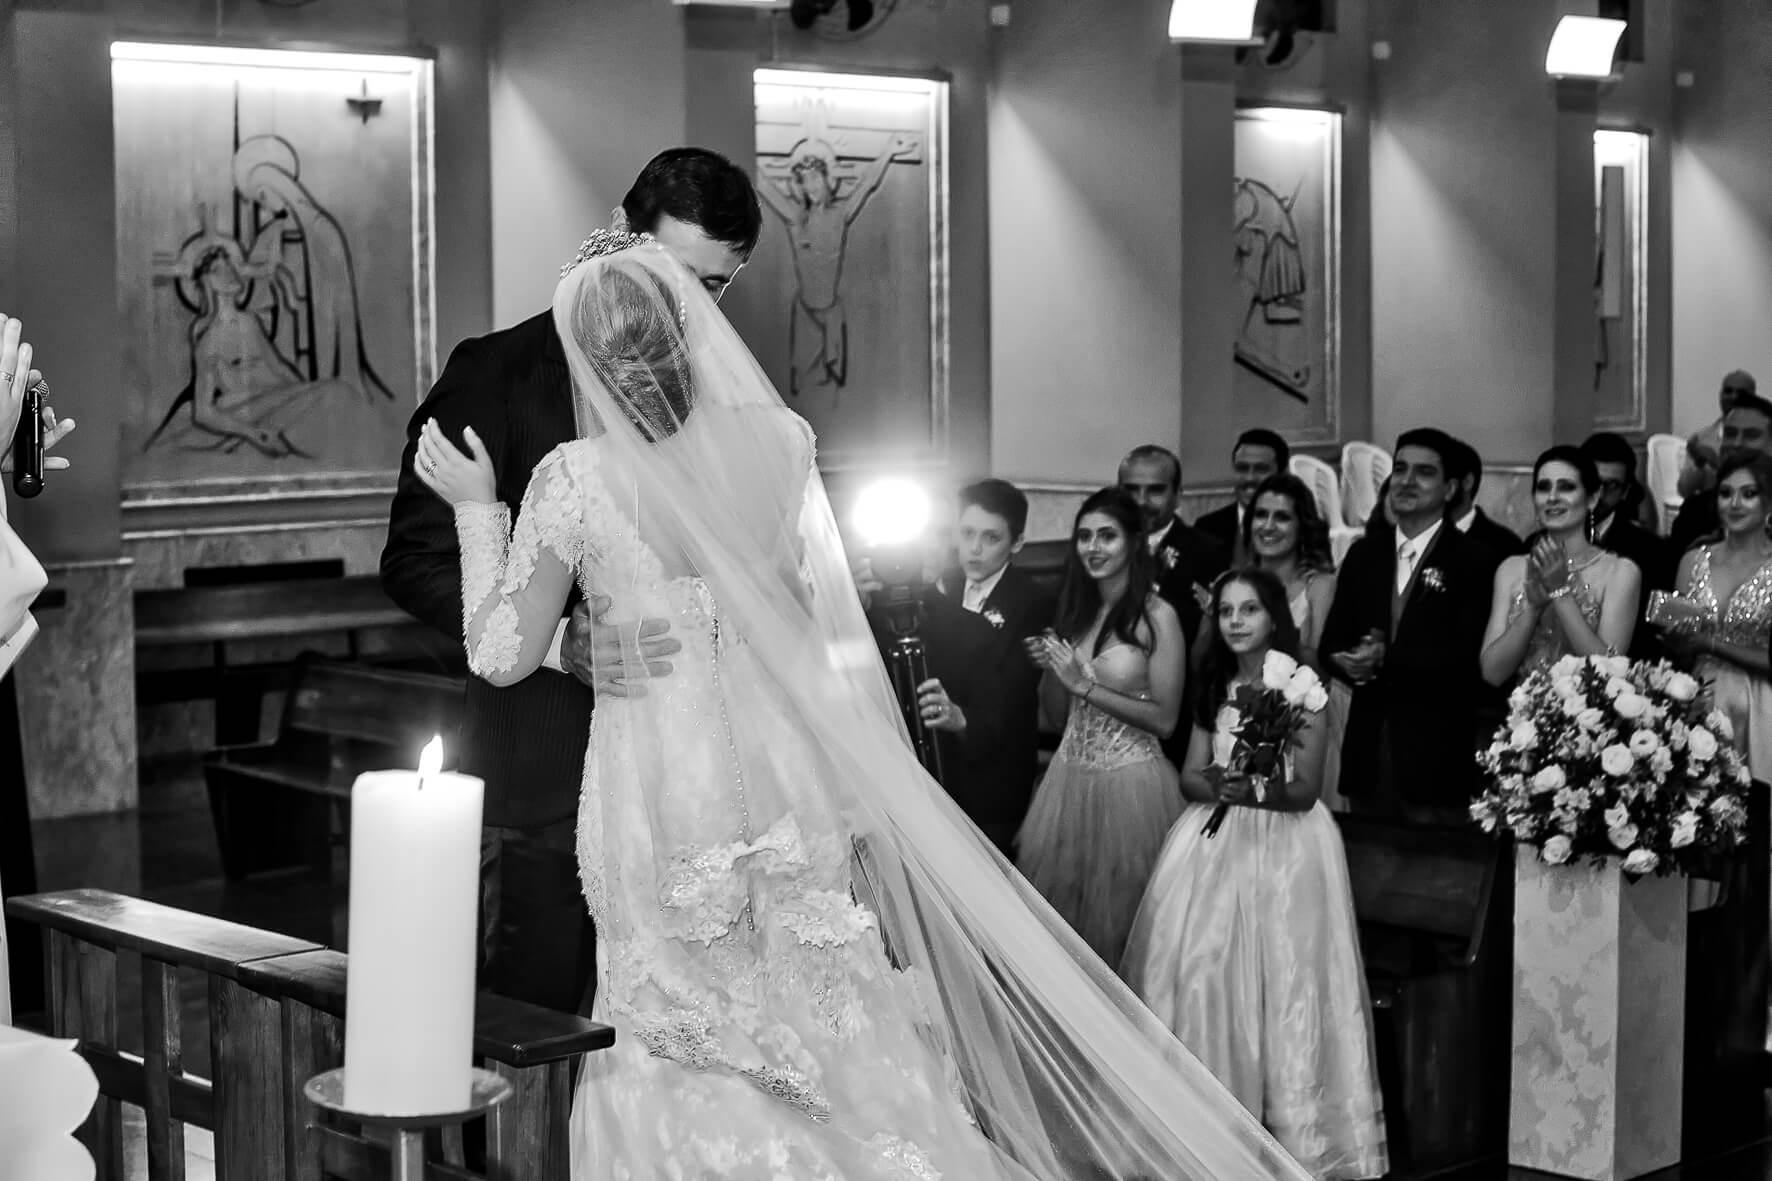 casamento-na-igreja-em-jundiai-sao-paulo-sp